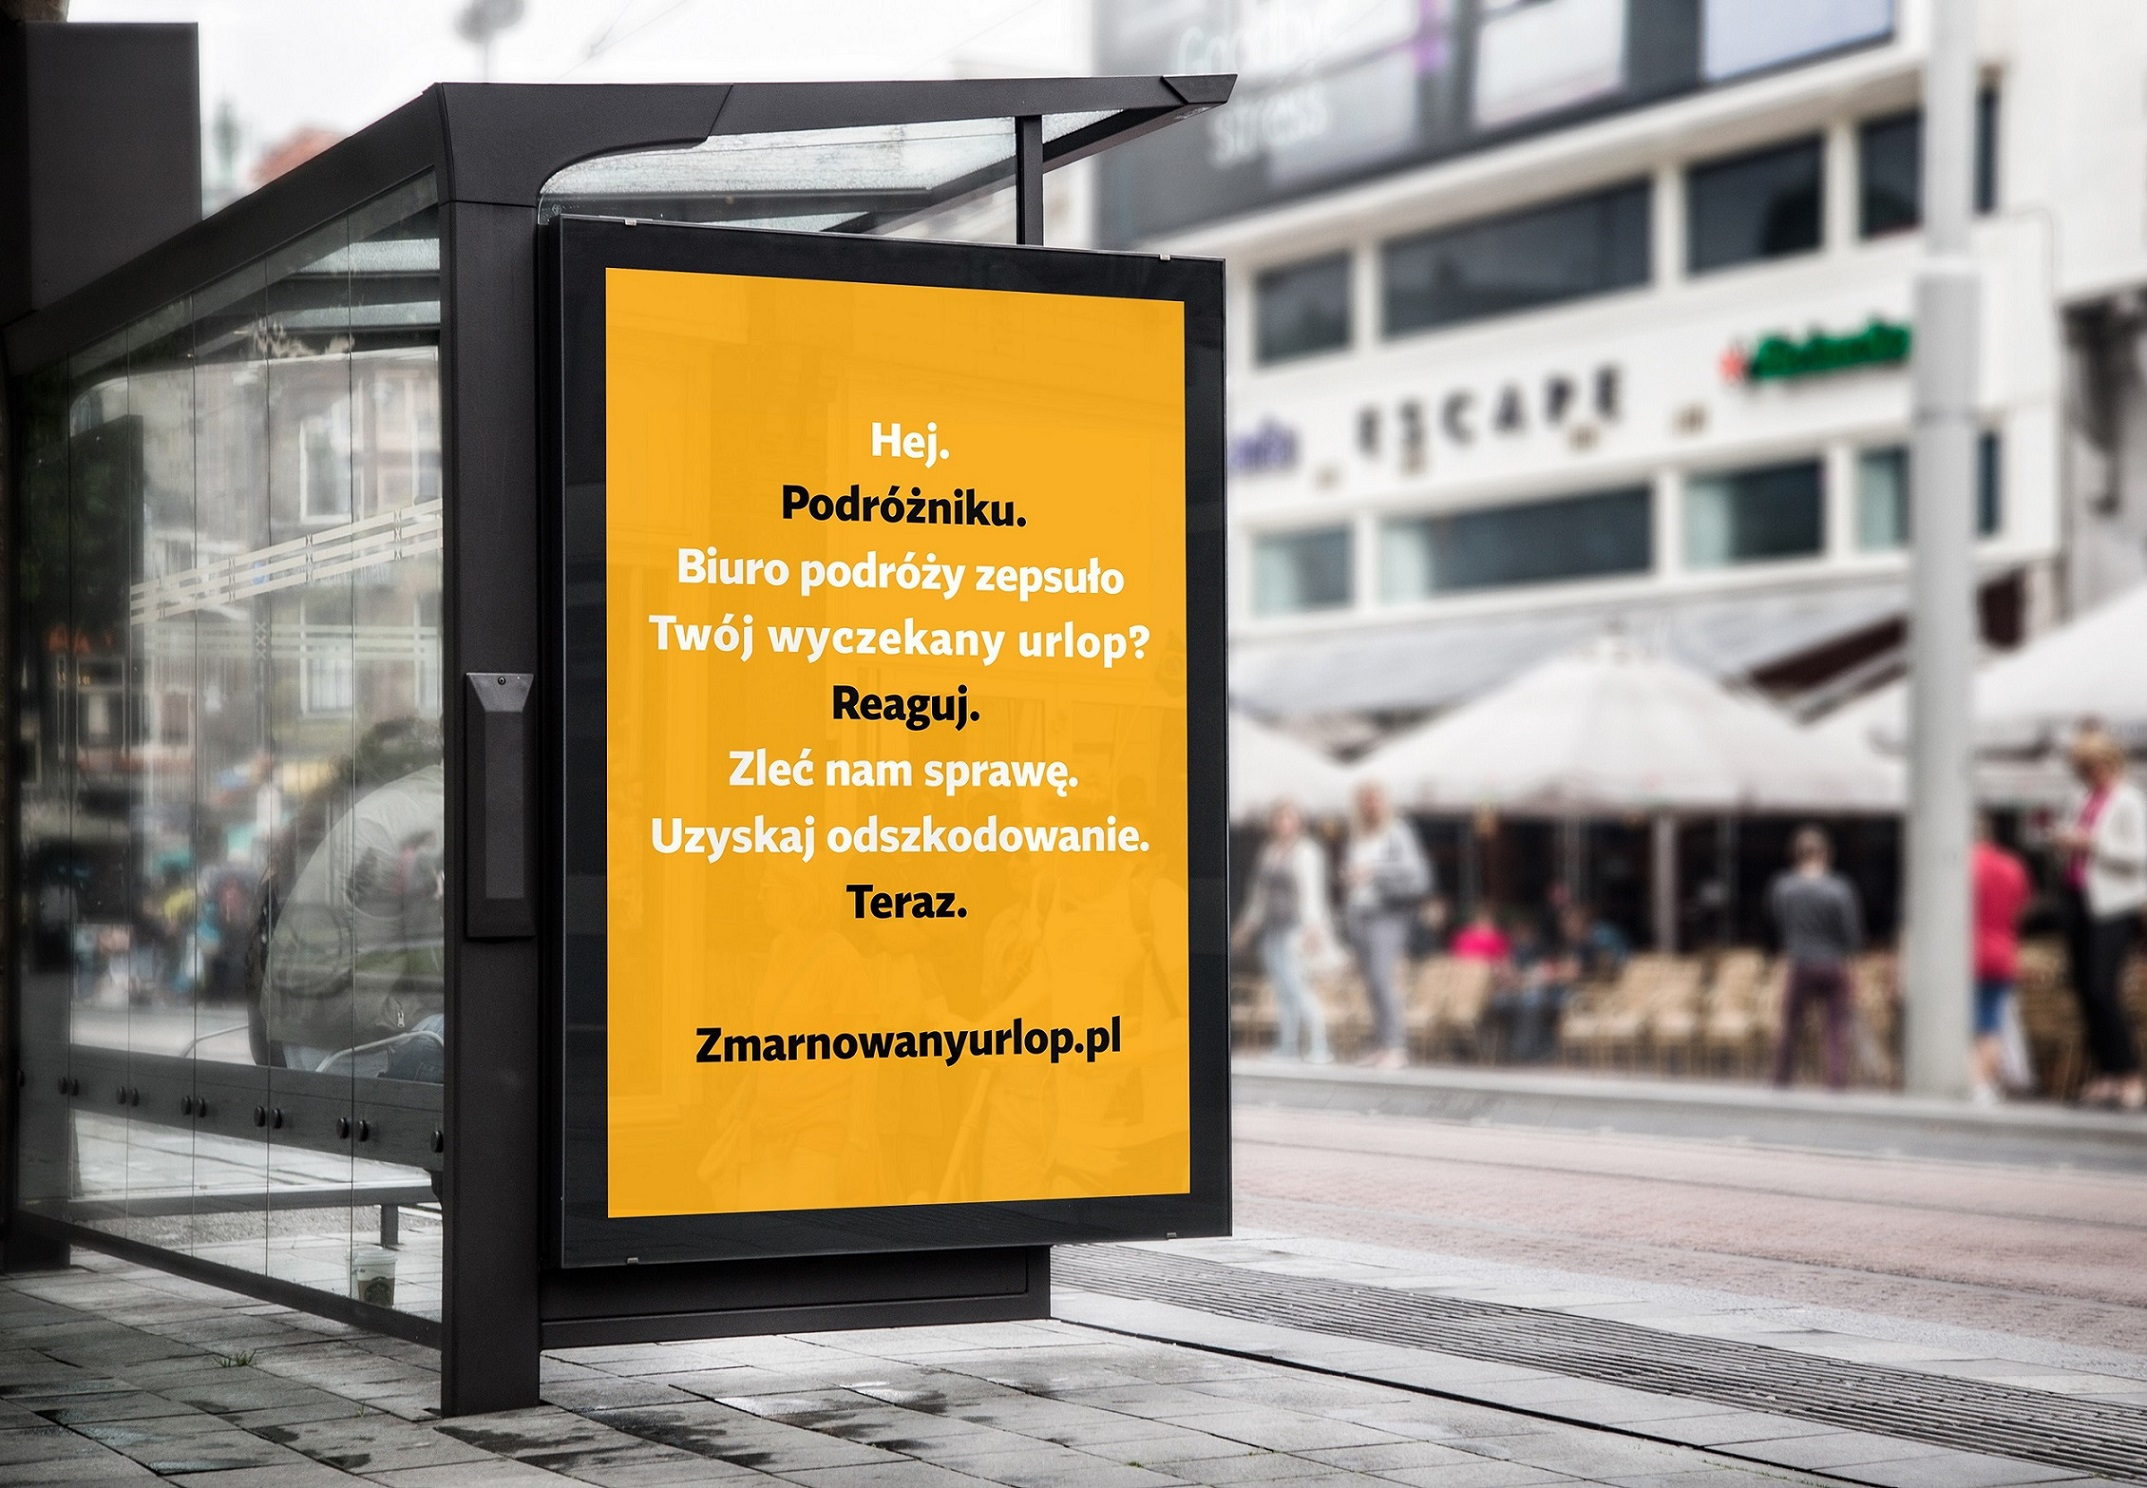 reklamacja nieudanych wakacji zmarnowanyurlop.pl